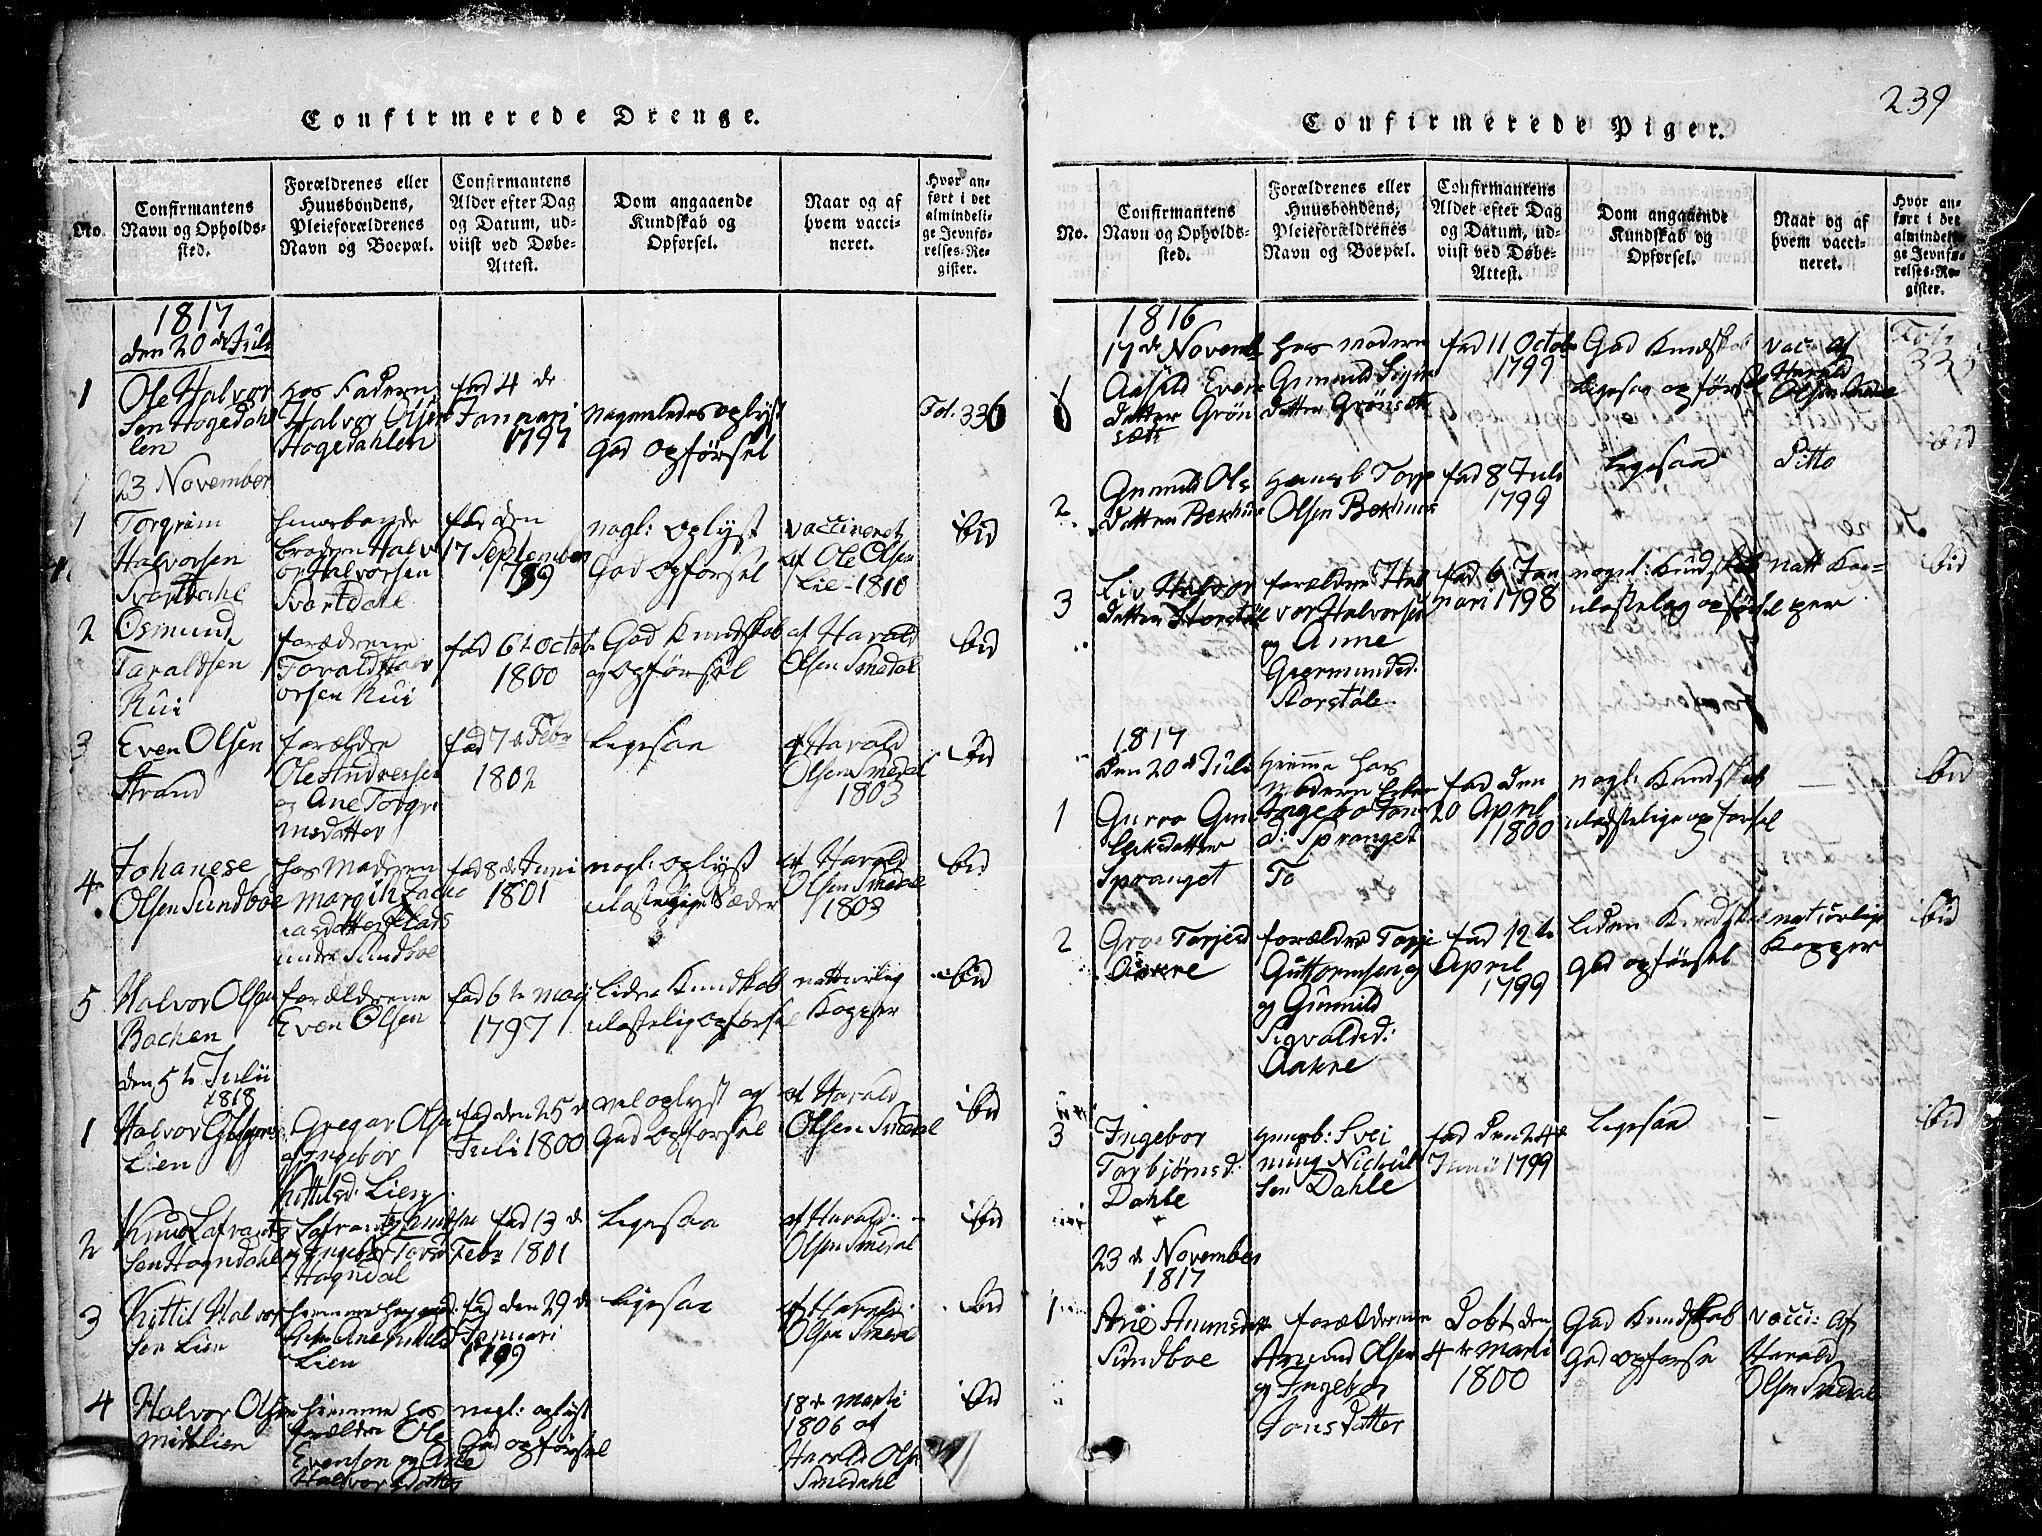 SAKO, Seljord kirkebøker, G/Gb/L0002: Klokkerbok nr. II 2, 1815-1854, s. 239